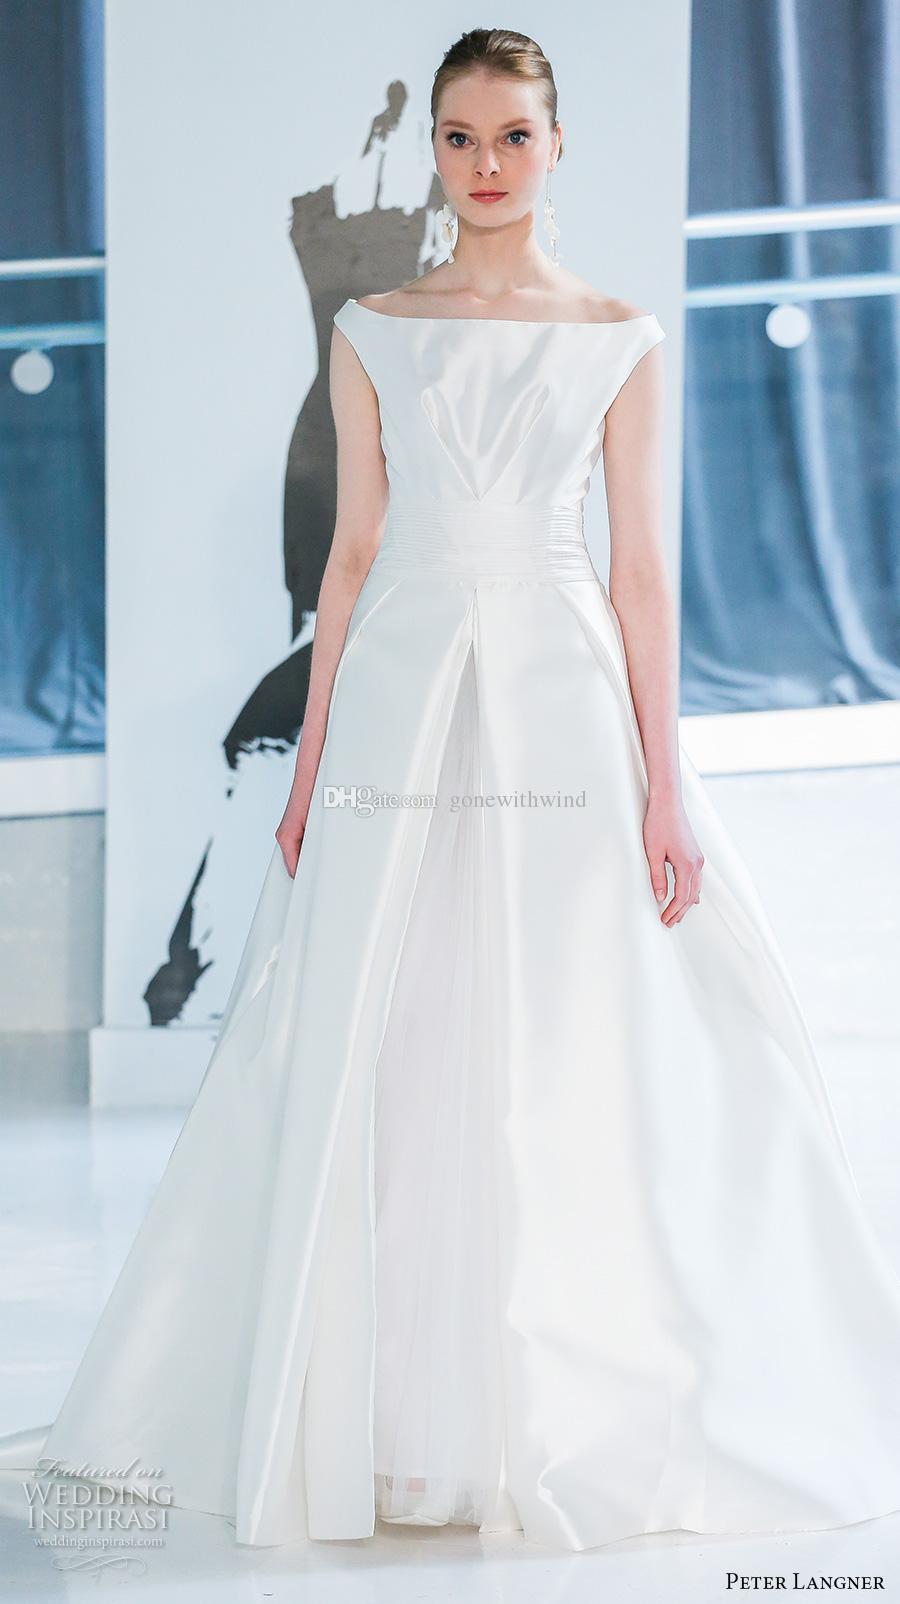 Ziemlich Einfacher Einbau Brautkleider Bilder - Brautkleider Ideen ...